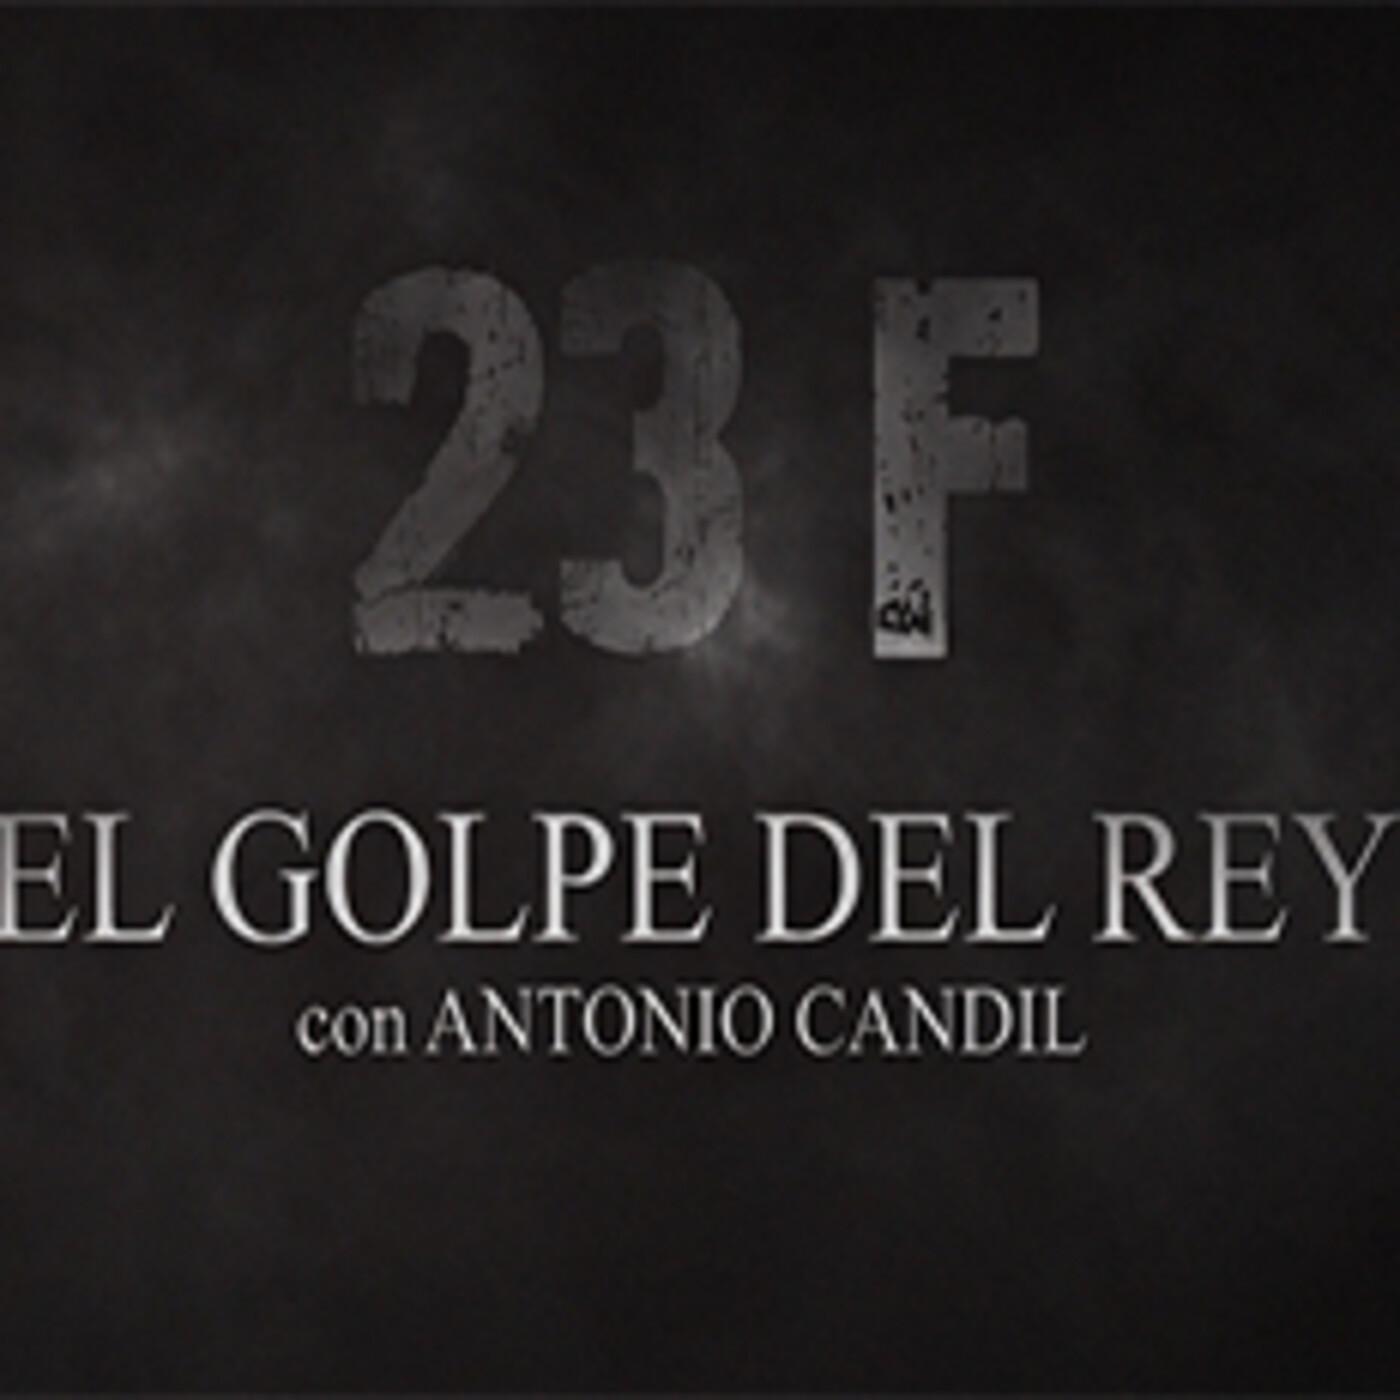 23f: el golpe del rey - con antonio candil